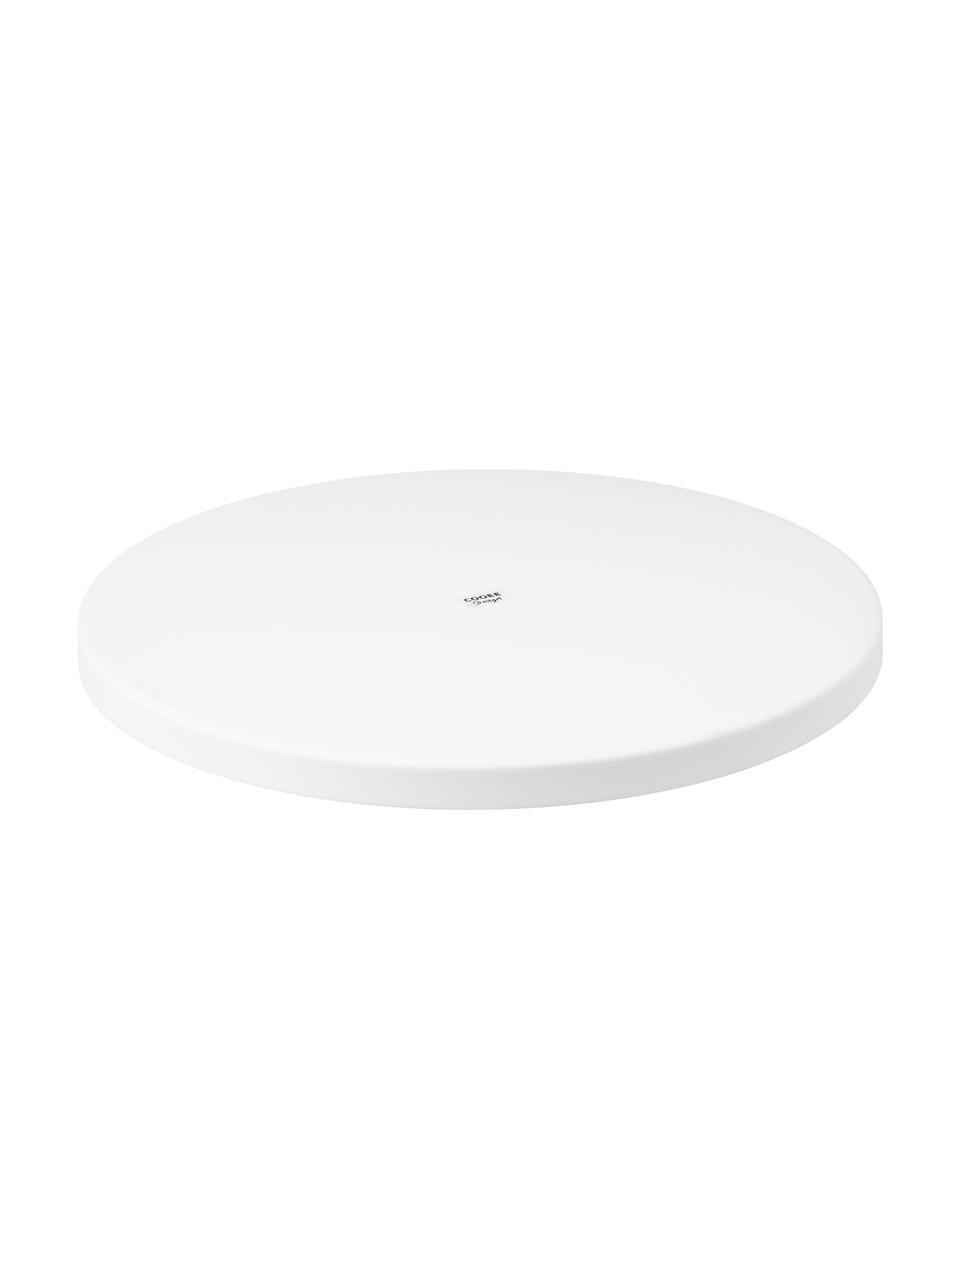 Vassoio decorativo rotondo in bianco Cerchio, Acciaio inossidabile, verniciato a polvere, Bianco opaco, Ø 40 x Alt. 2 cm